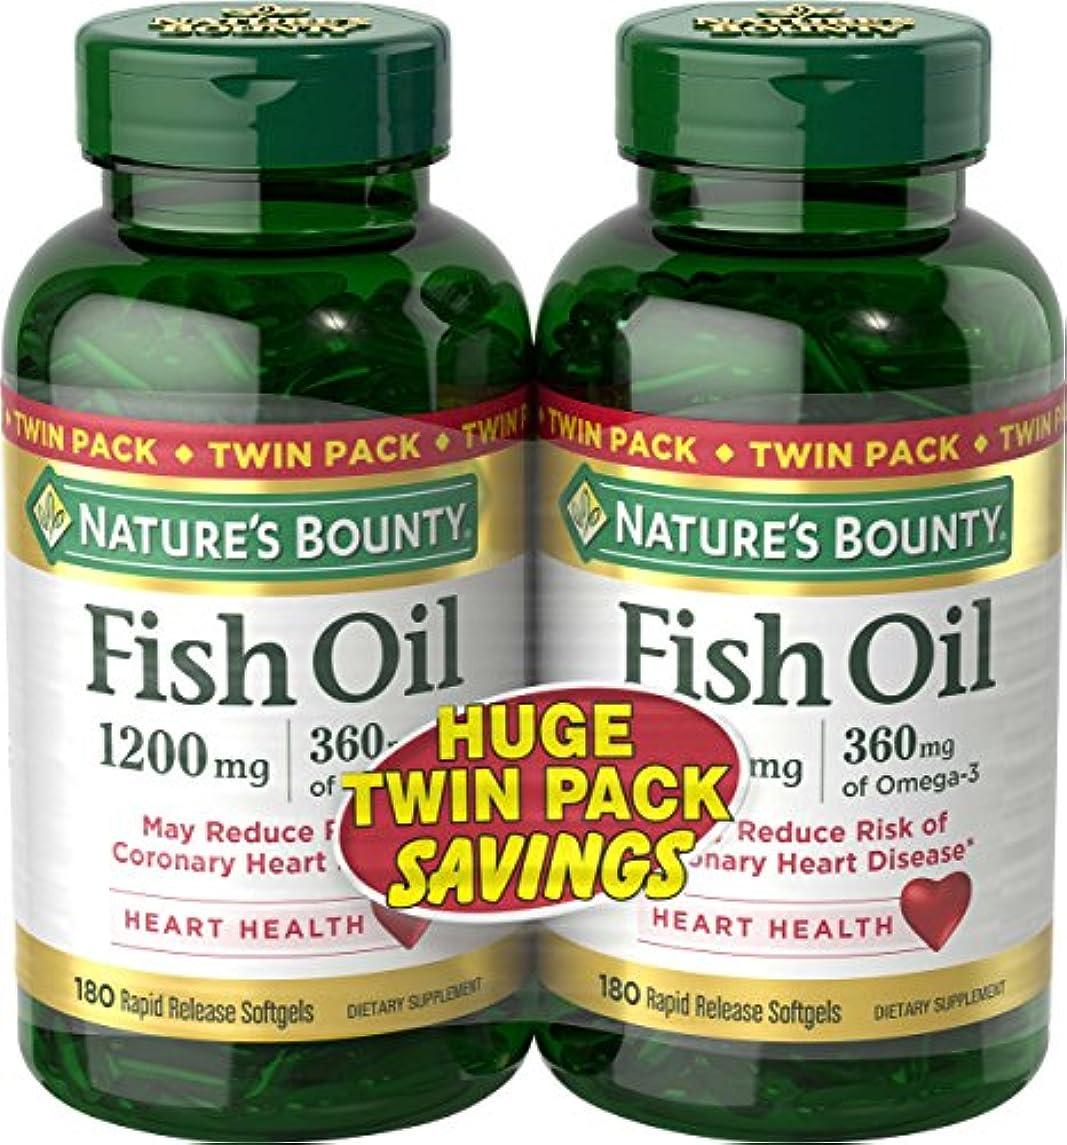 囲い土曜日アジア人Nature's Bounty Fish Oil 1200 mg Twin Packs, 180 Rapid Release Liguid Softgels 海外直送品